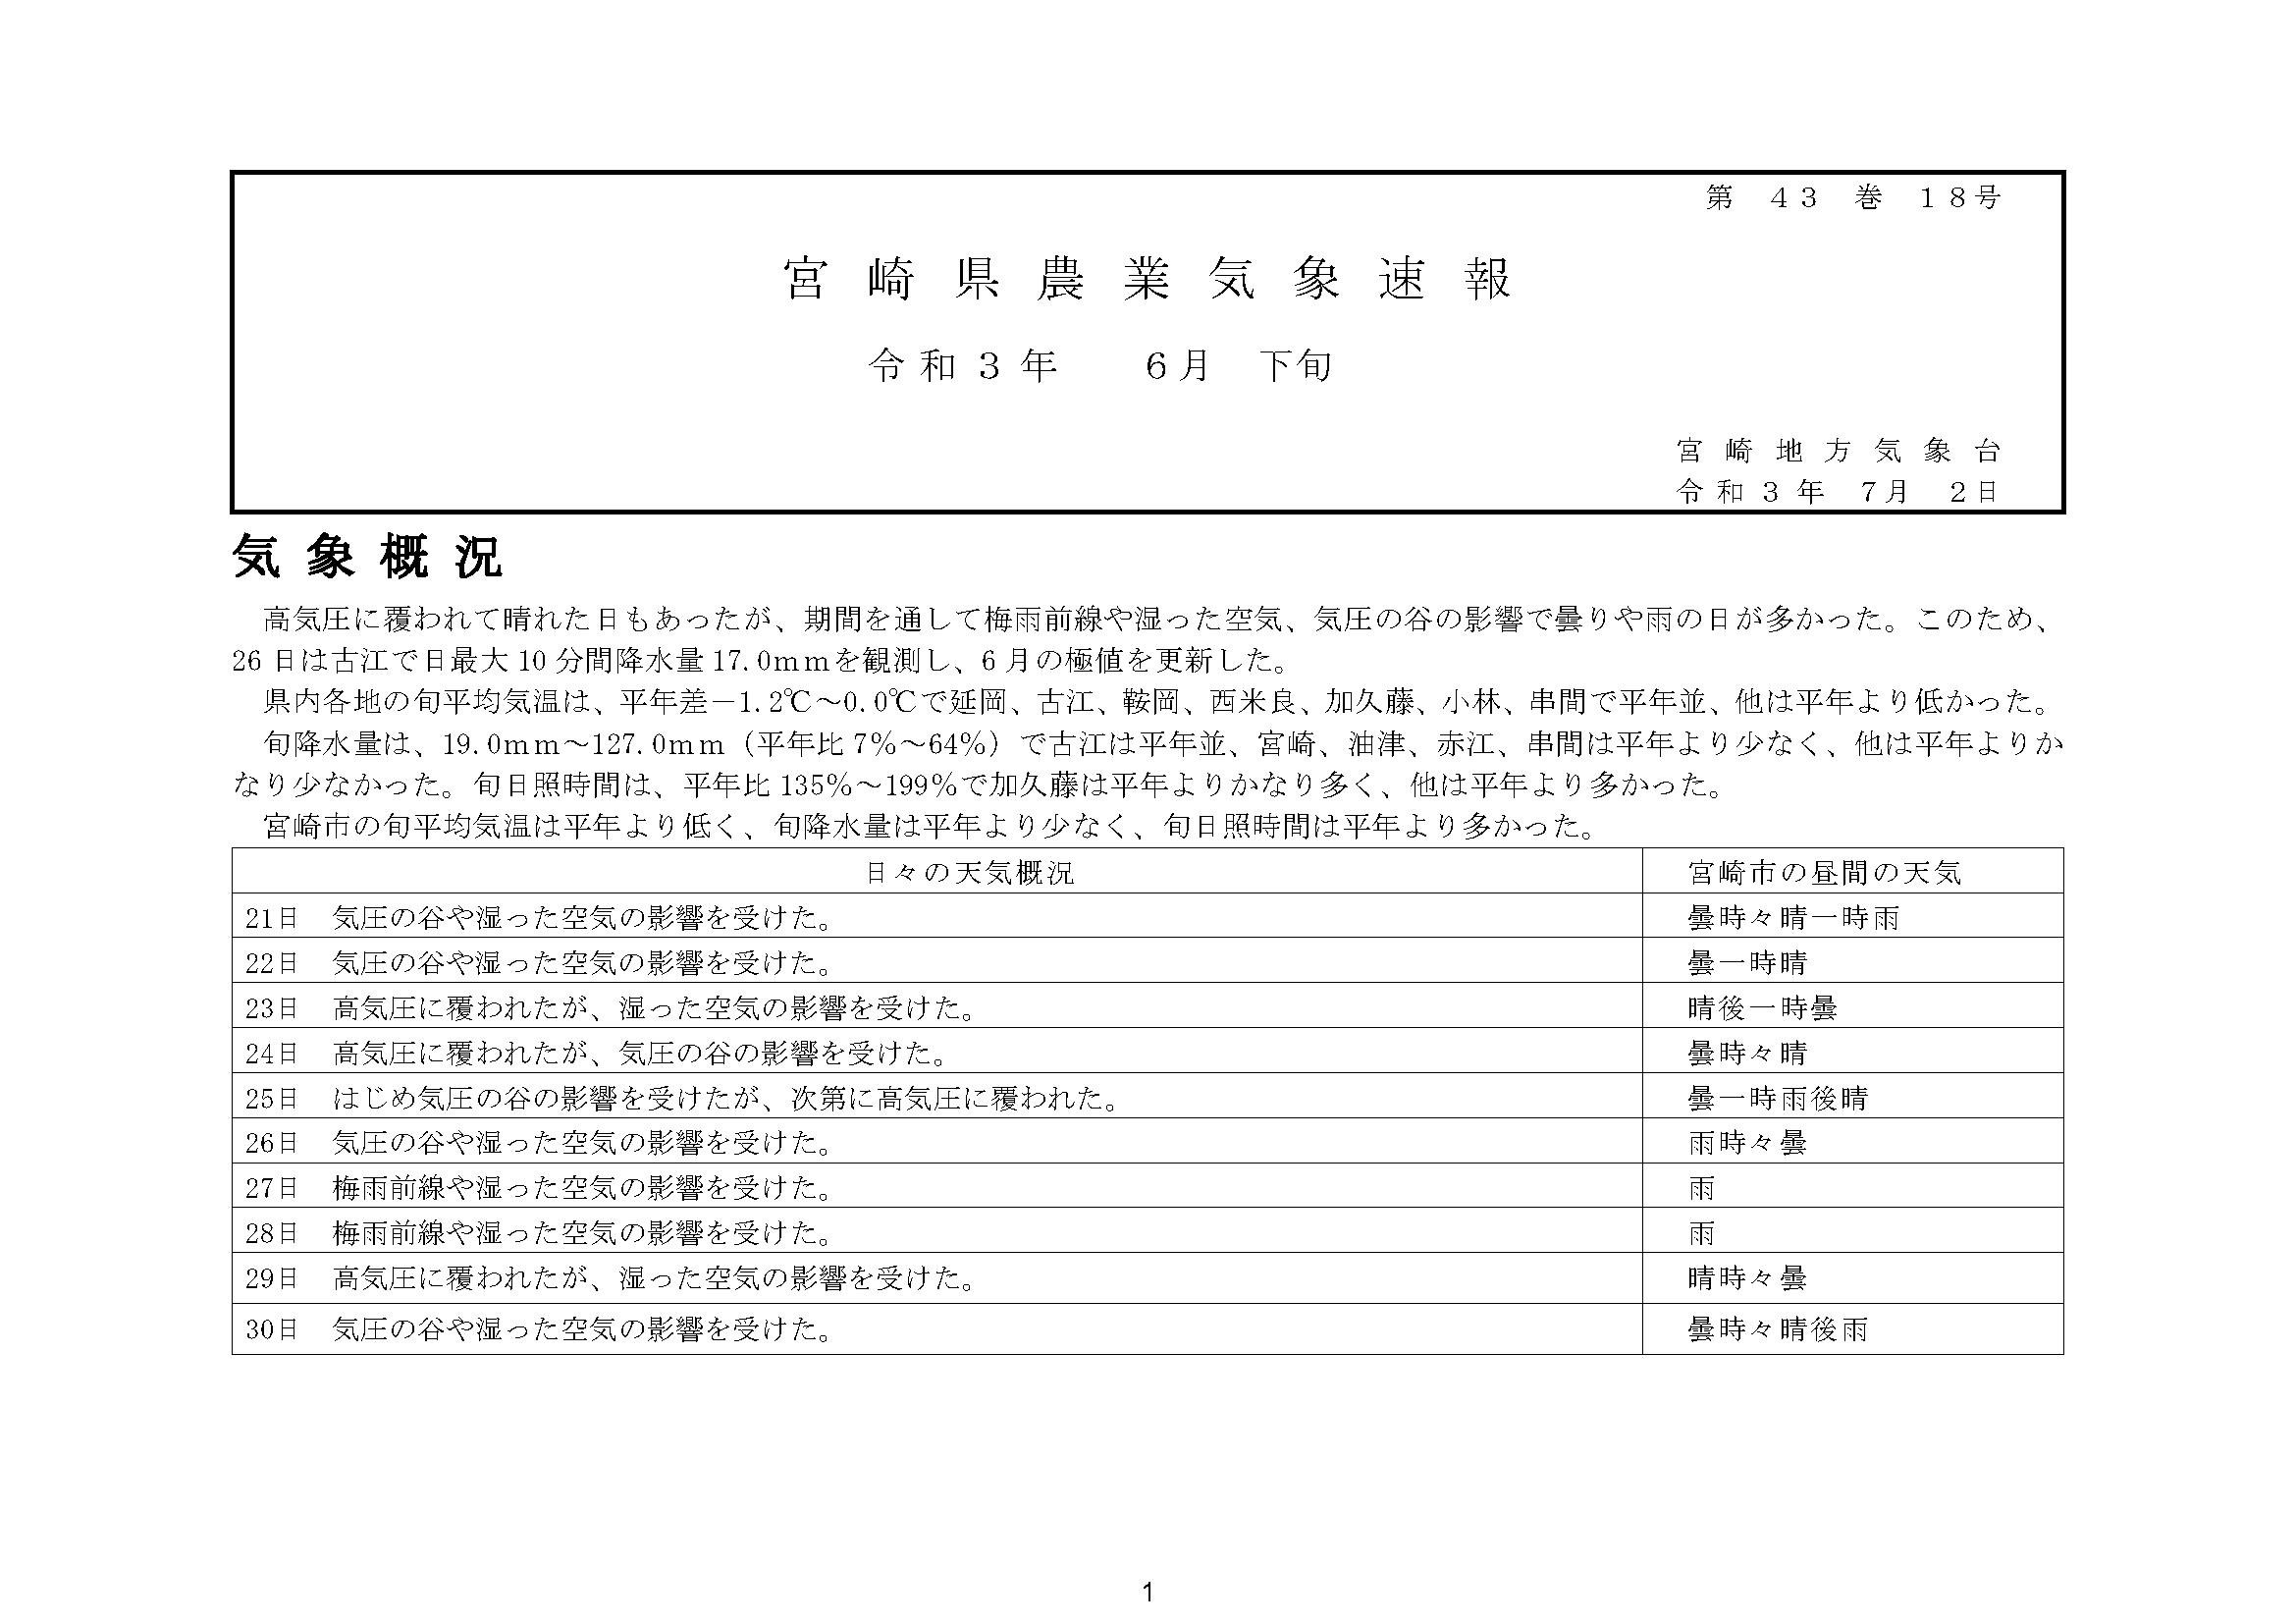 宮崎県農業気象速報令和3年6月下旬PDF